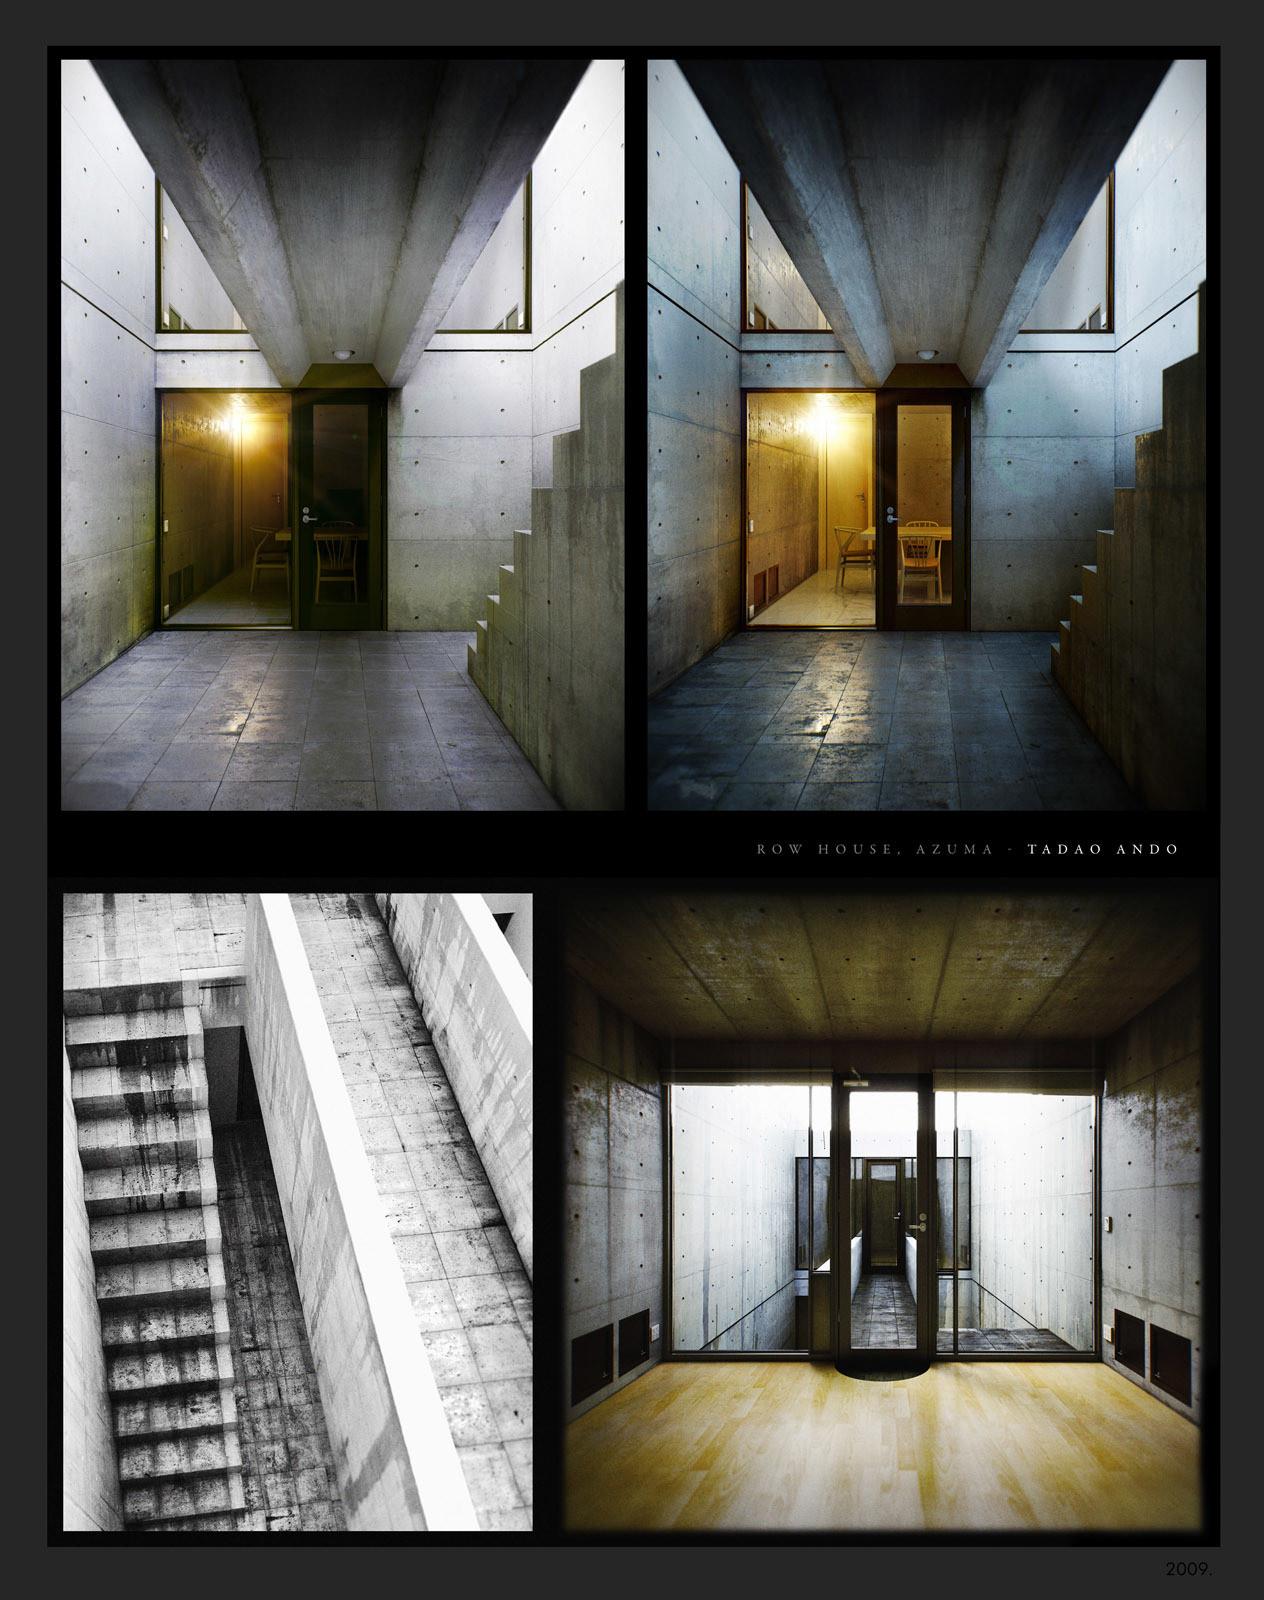 azuma-real-photo2.jpg